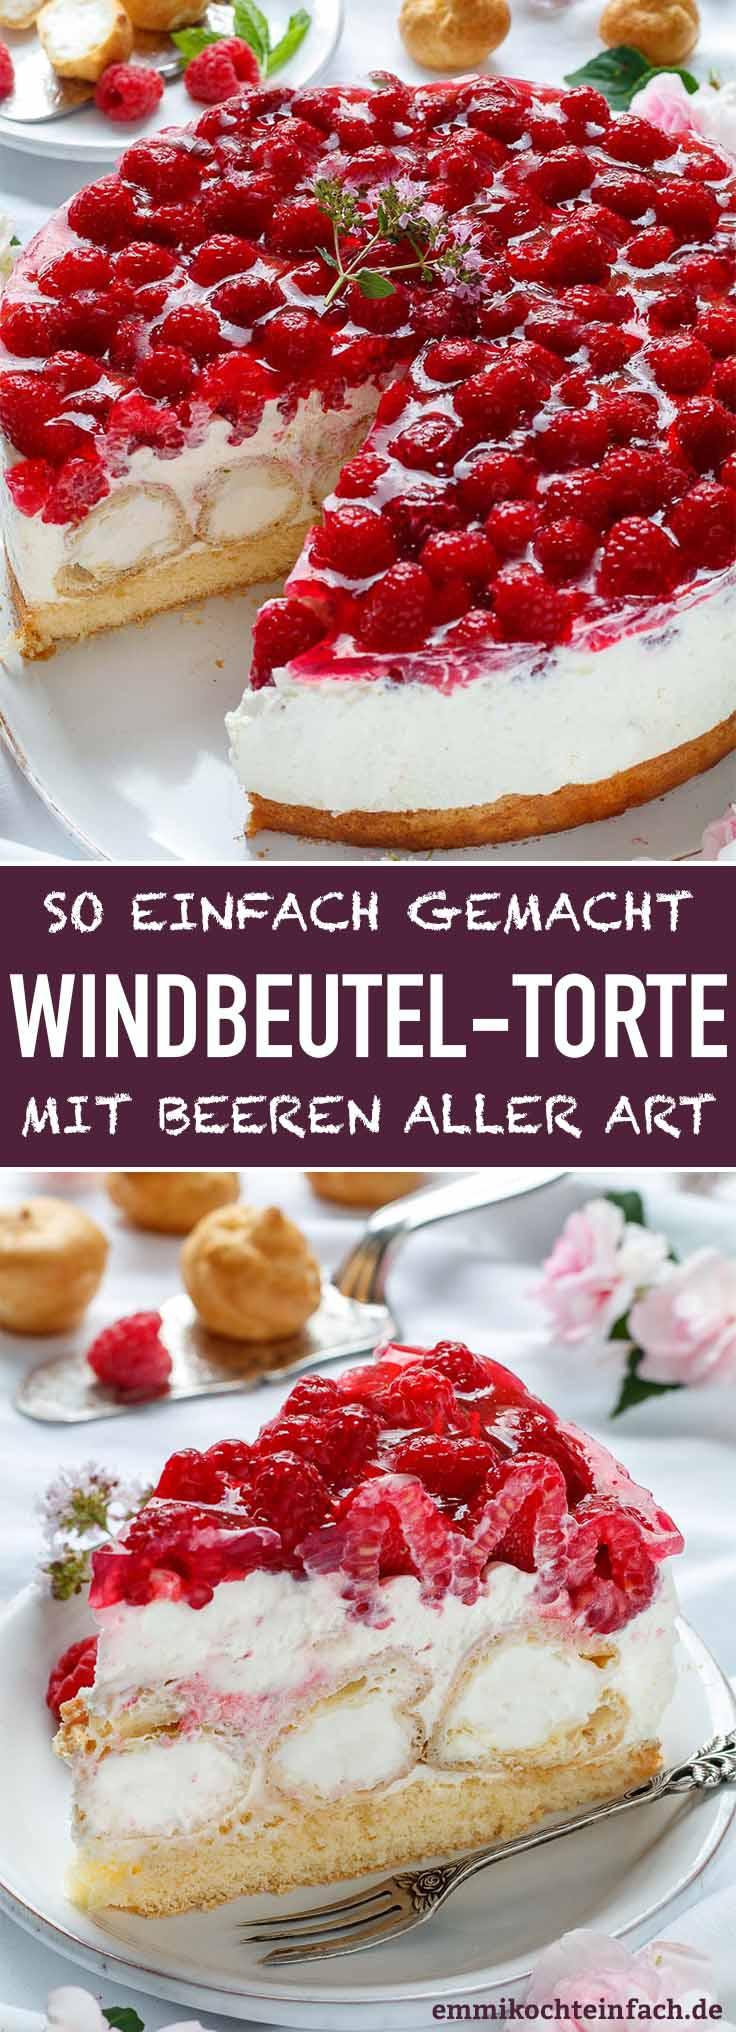 Windbeuteltorte mit Beeren - www.emmikochteinfach.de